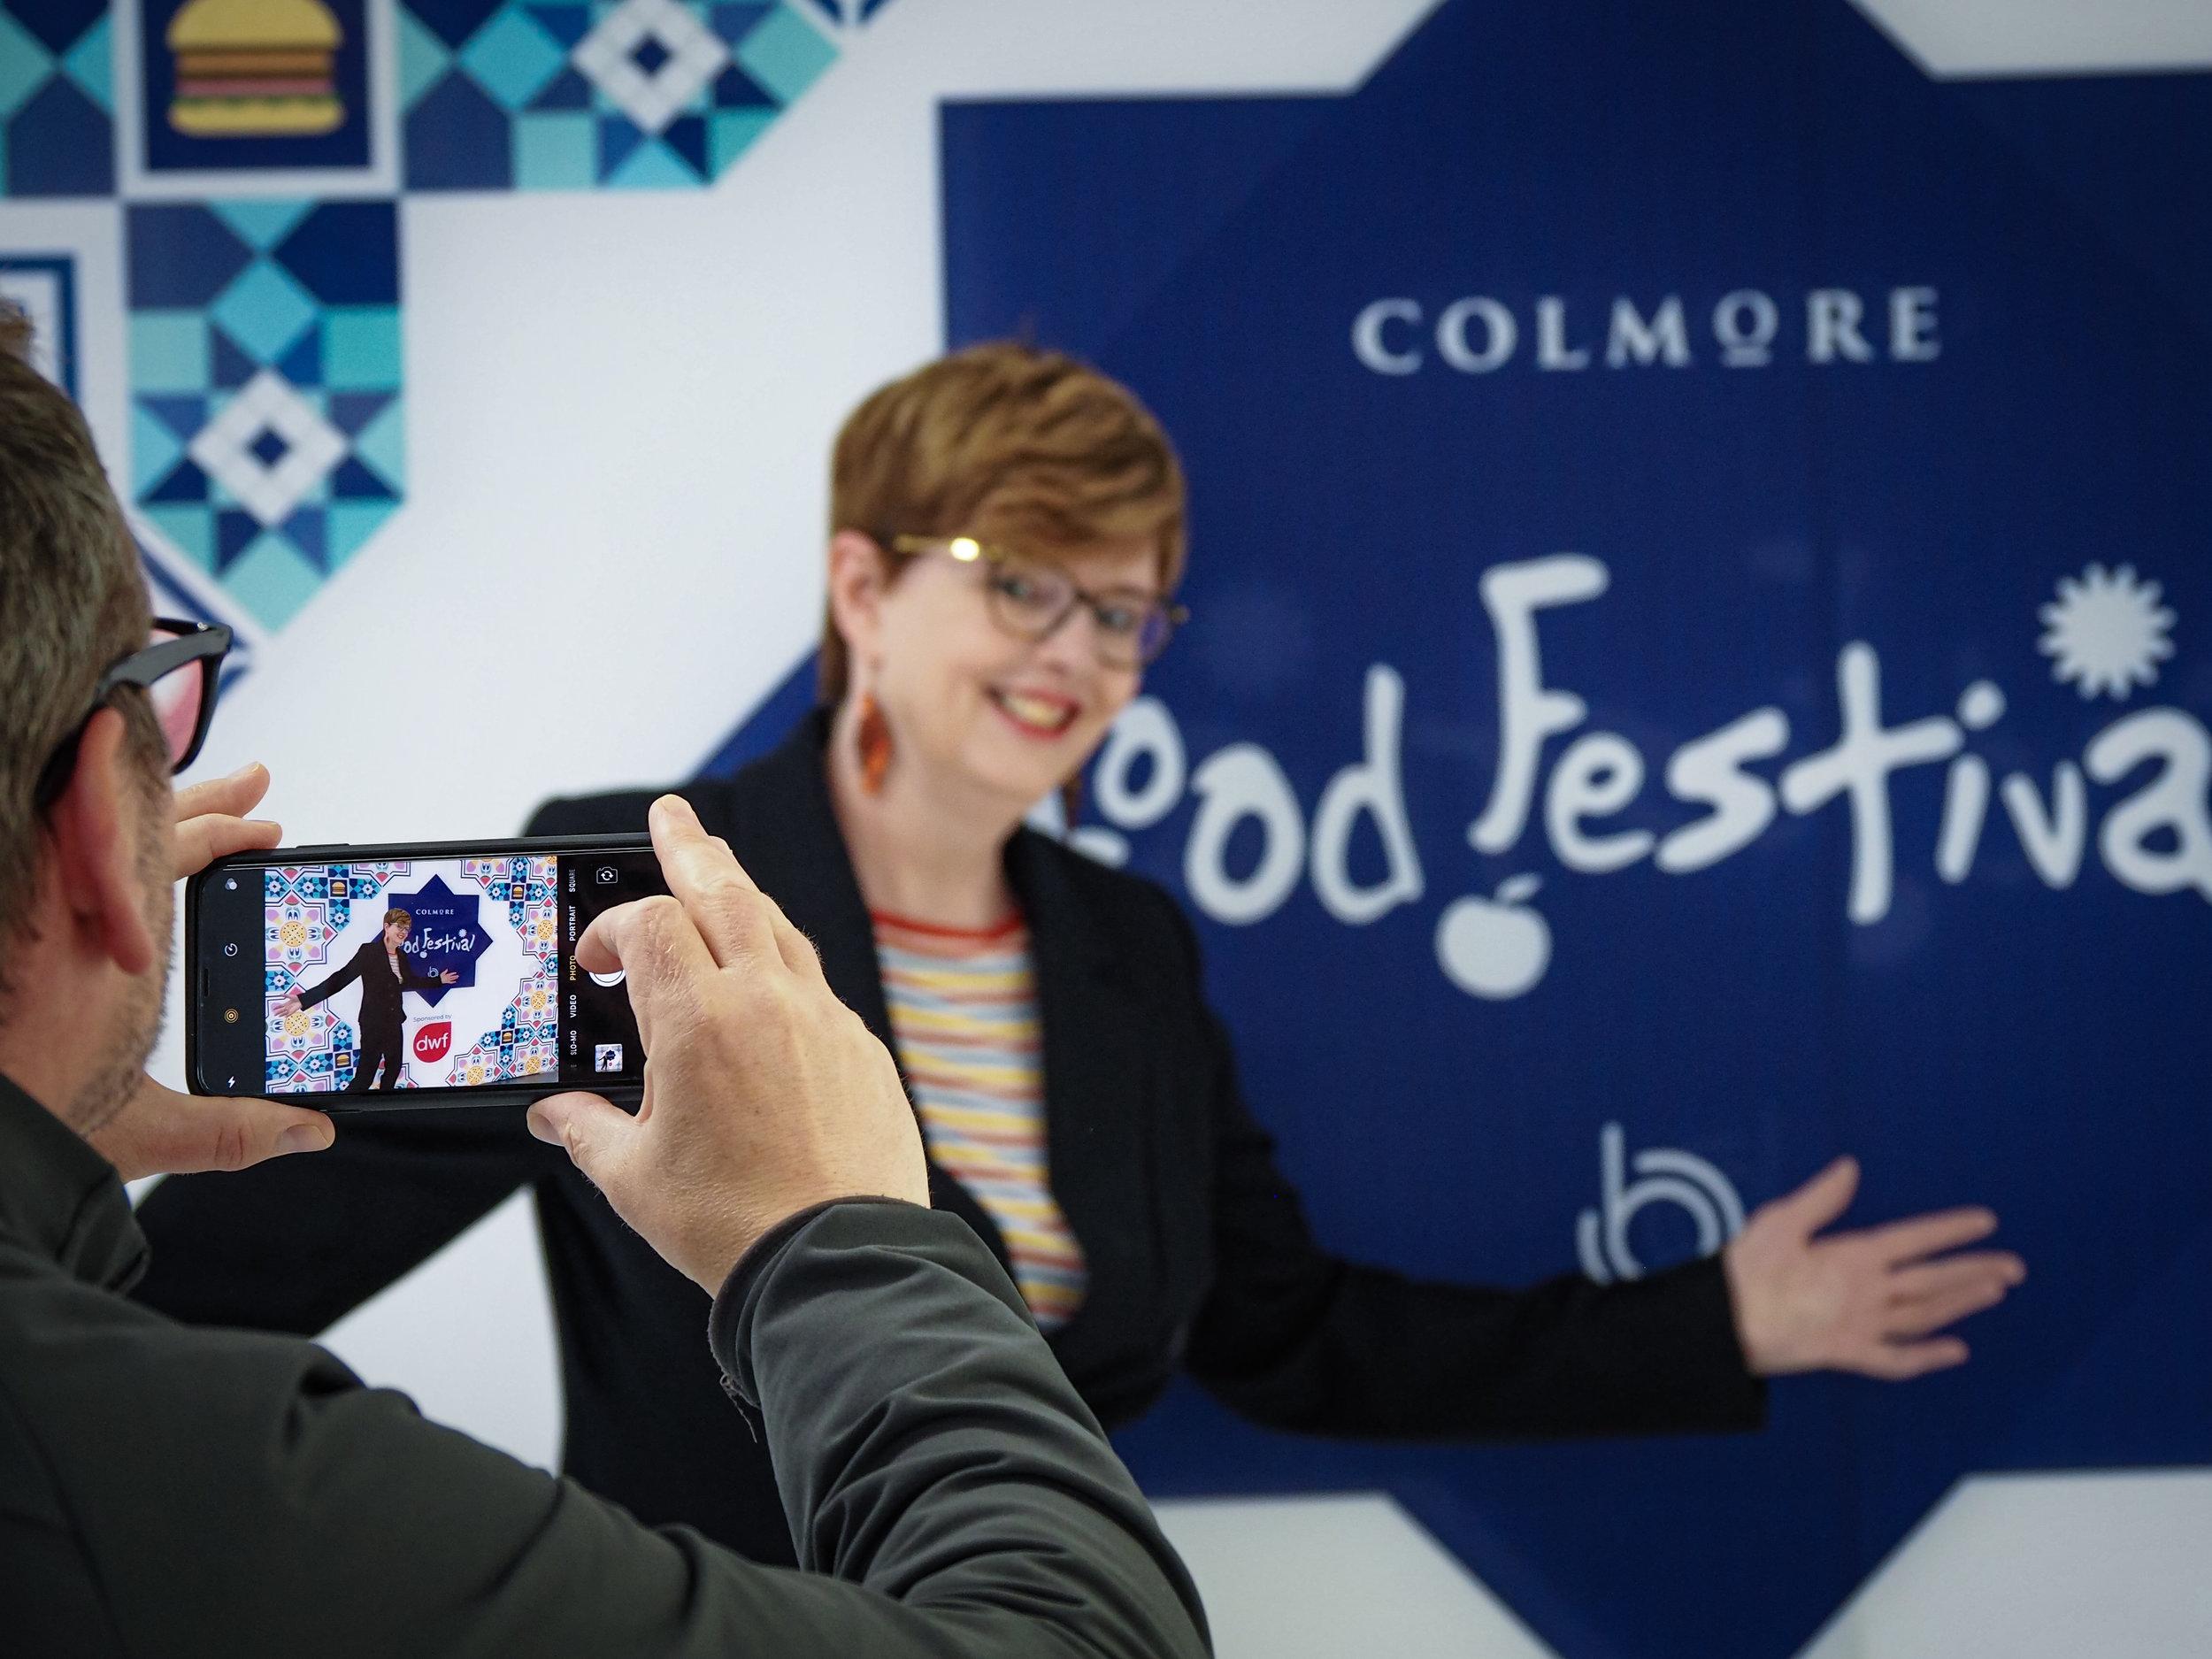 Colmore Food Festival Quiz